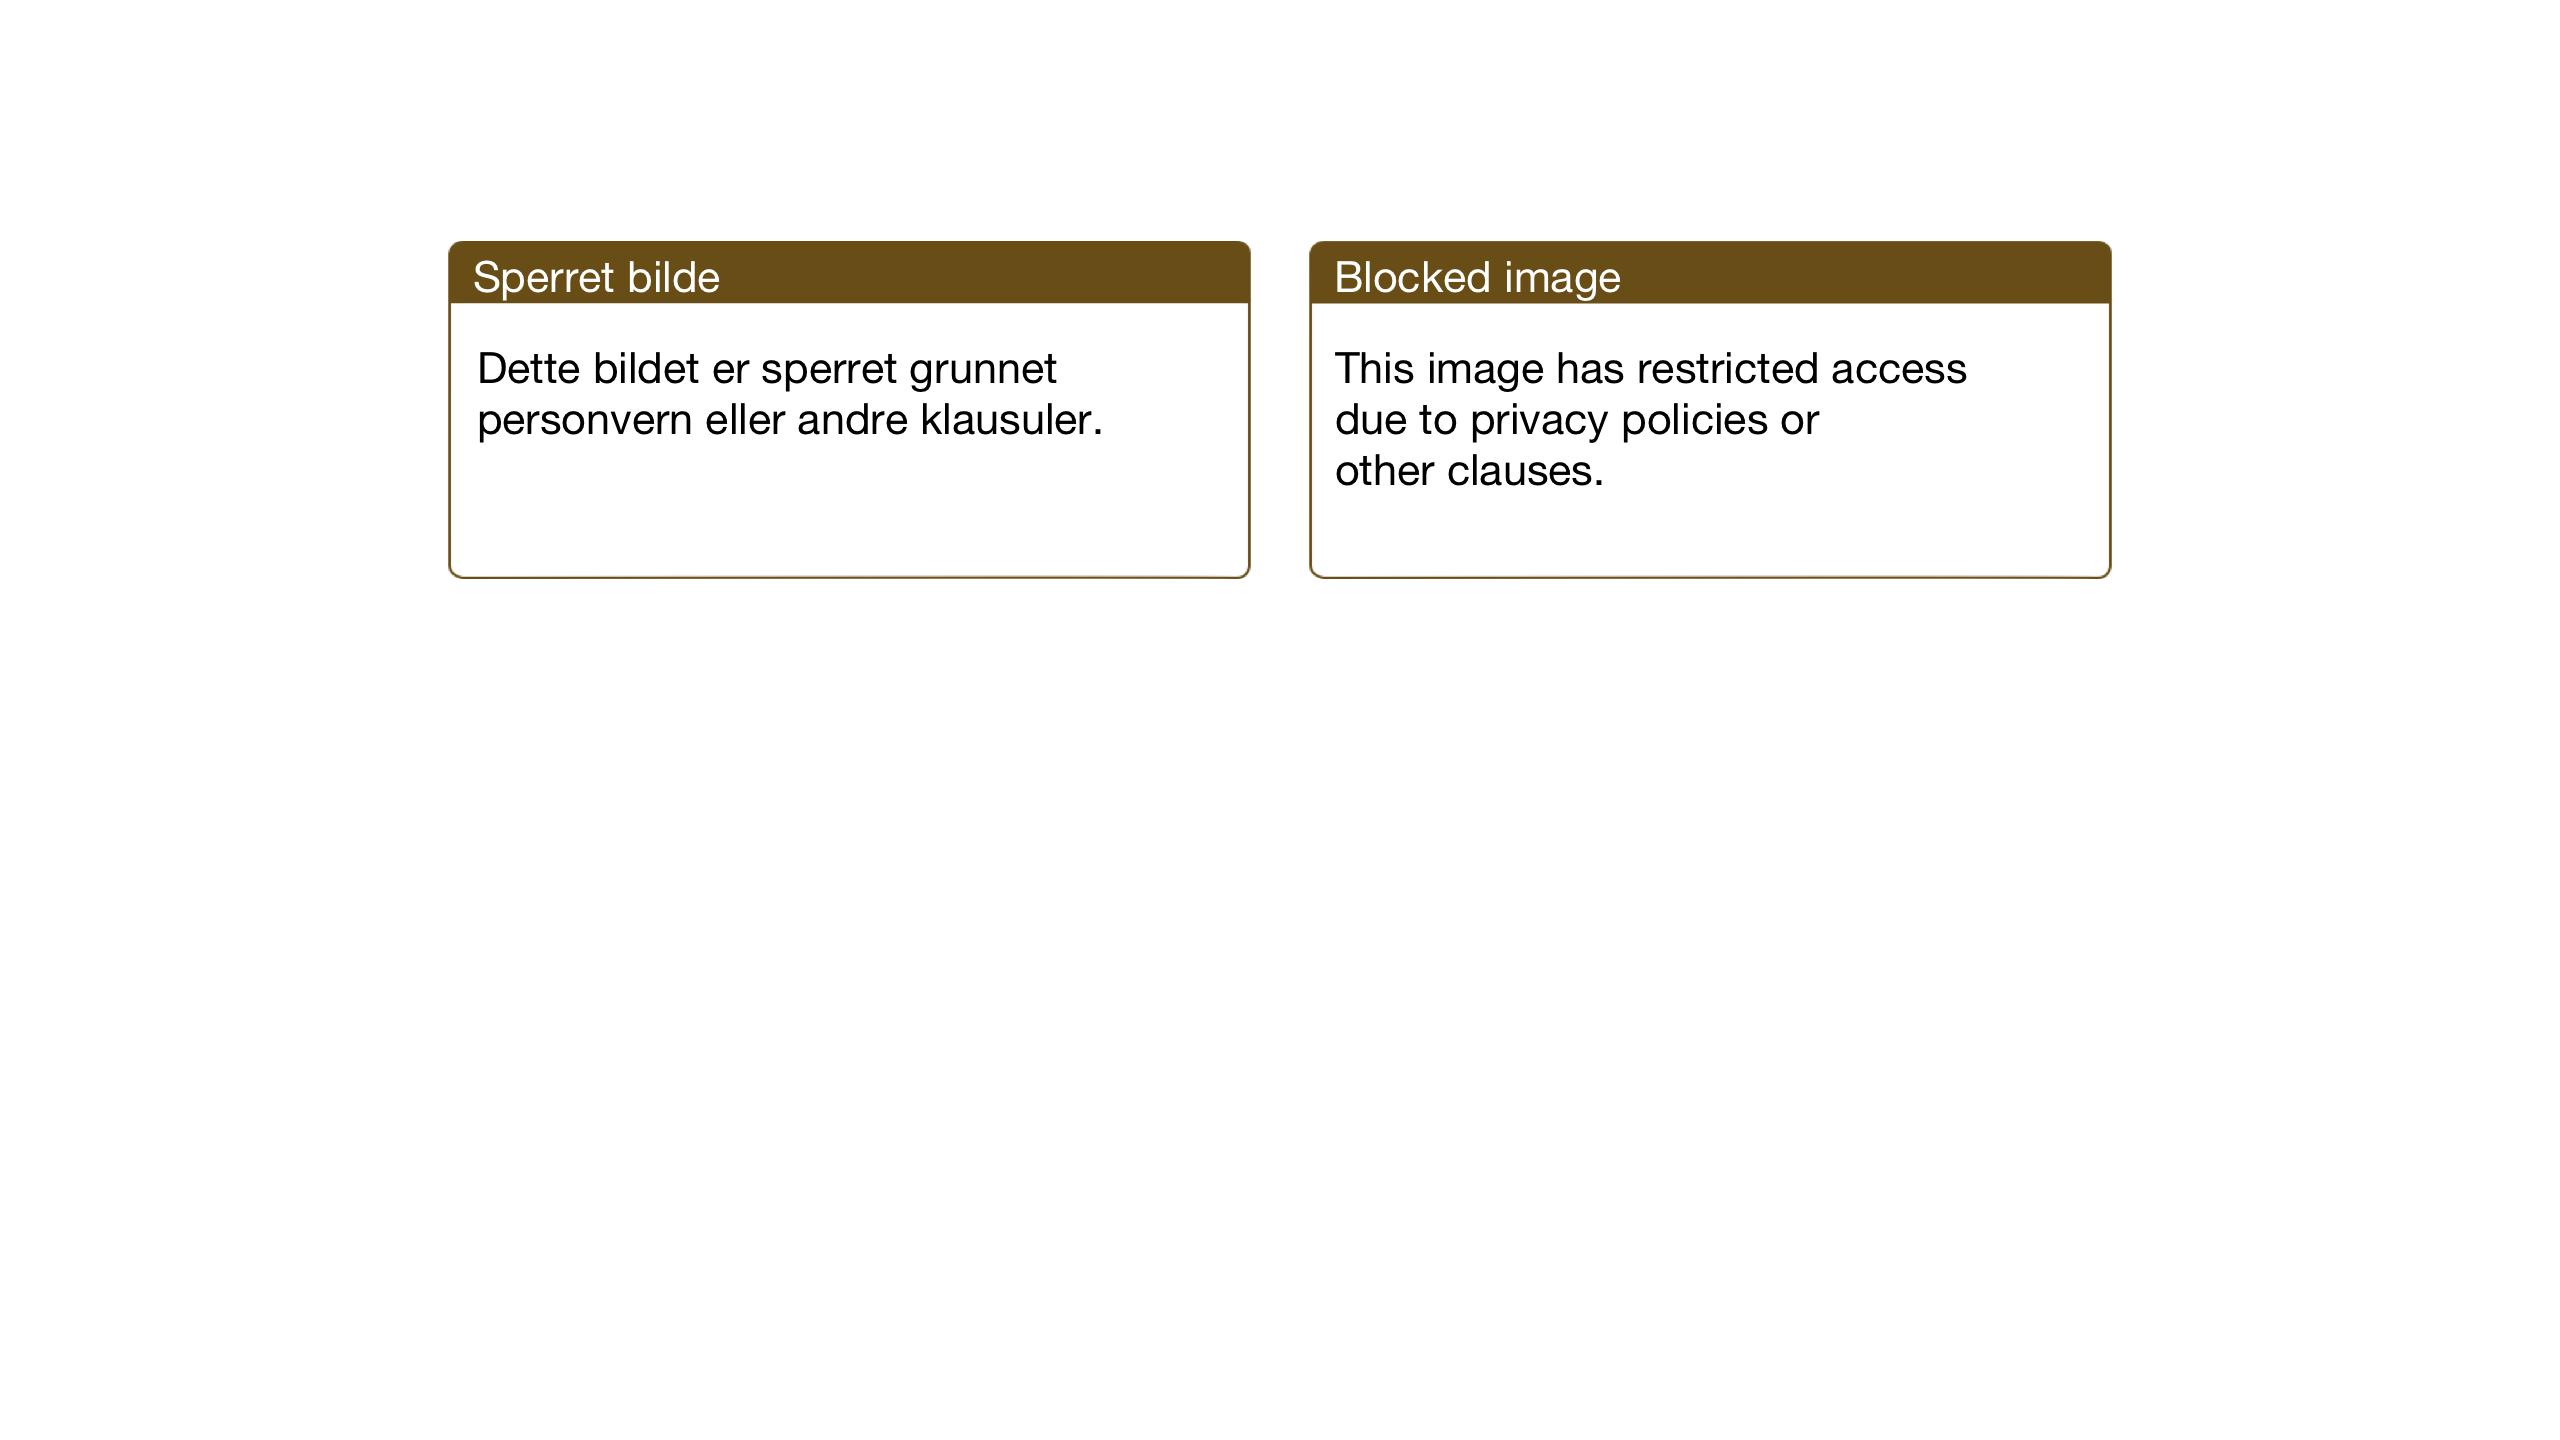 SAT, Ministerialprotokoller, klokkerbøker og fødselsregistre - Nord-Trøndelag, 749/L0481: Klokkerbok nr. 749C03, 1933-1945, s. 71